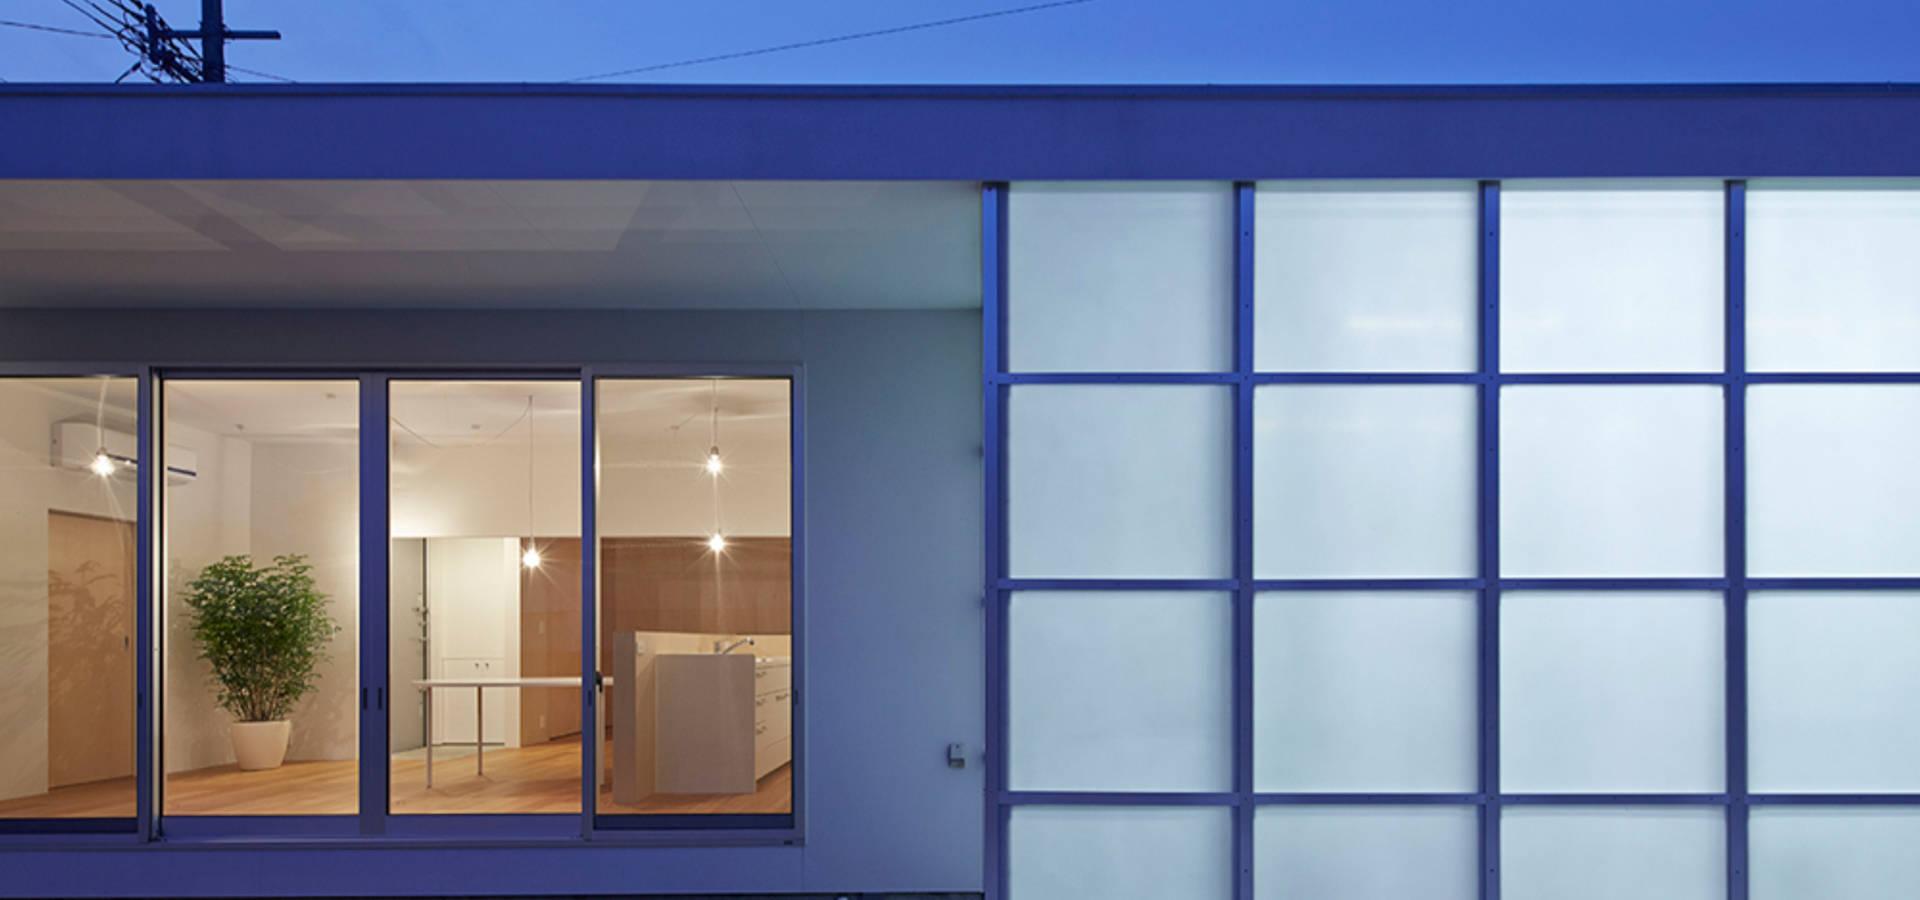 MASAAKI TAKAHASHI architects